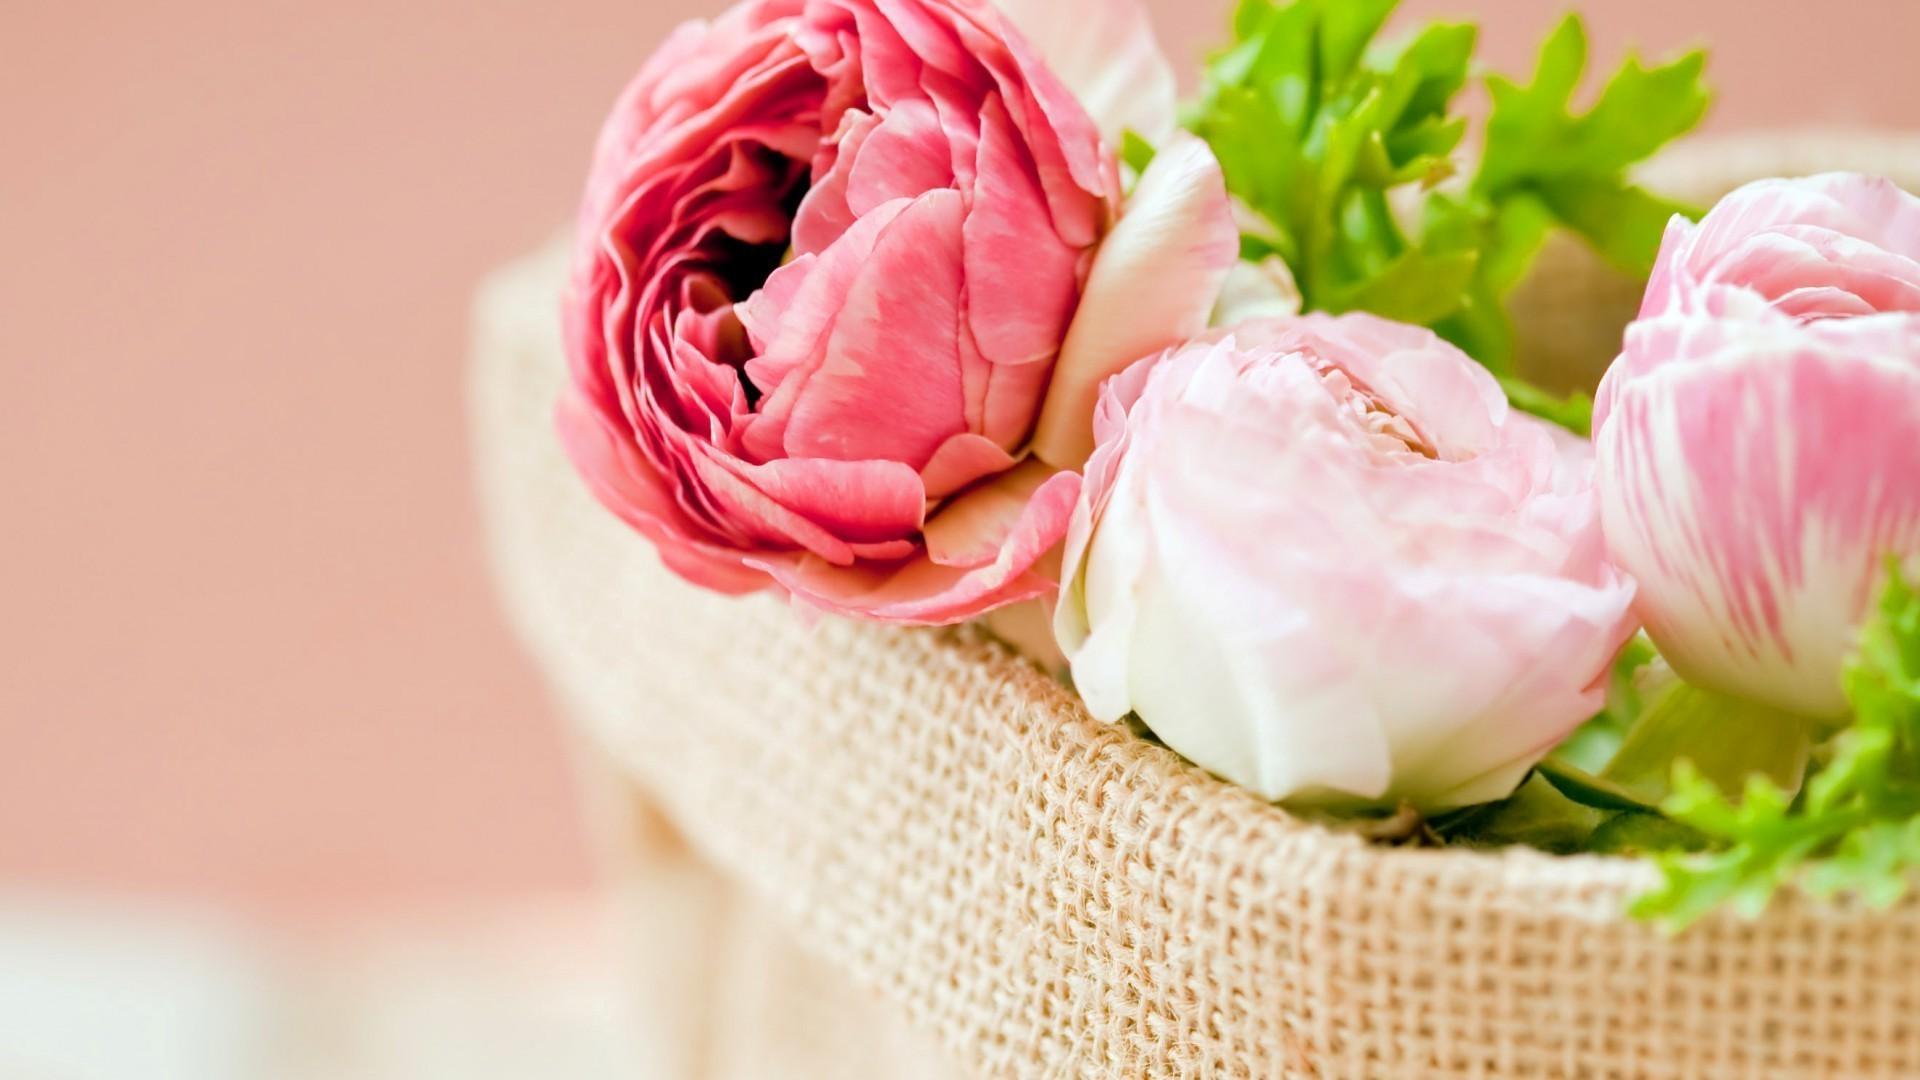 обои для рабочего стола пионы розы № 422795 загрузить